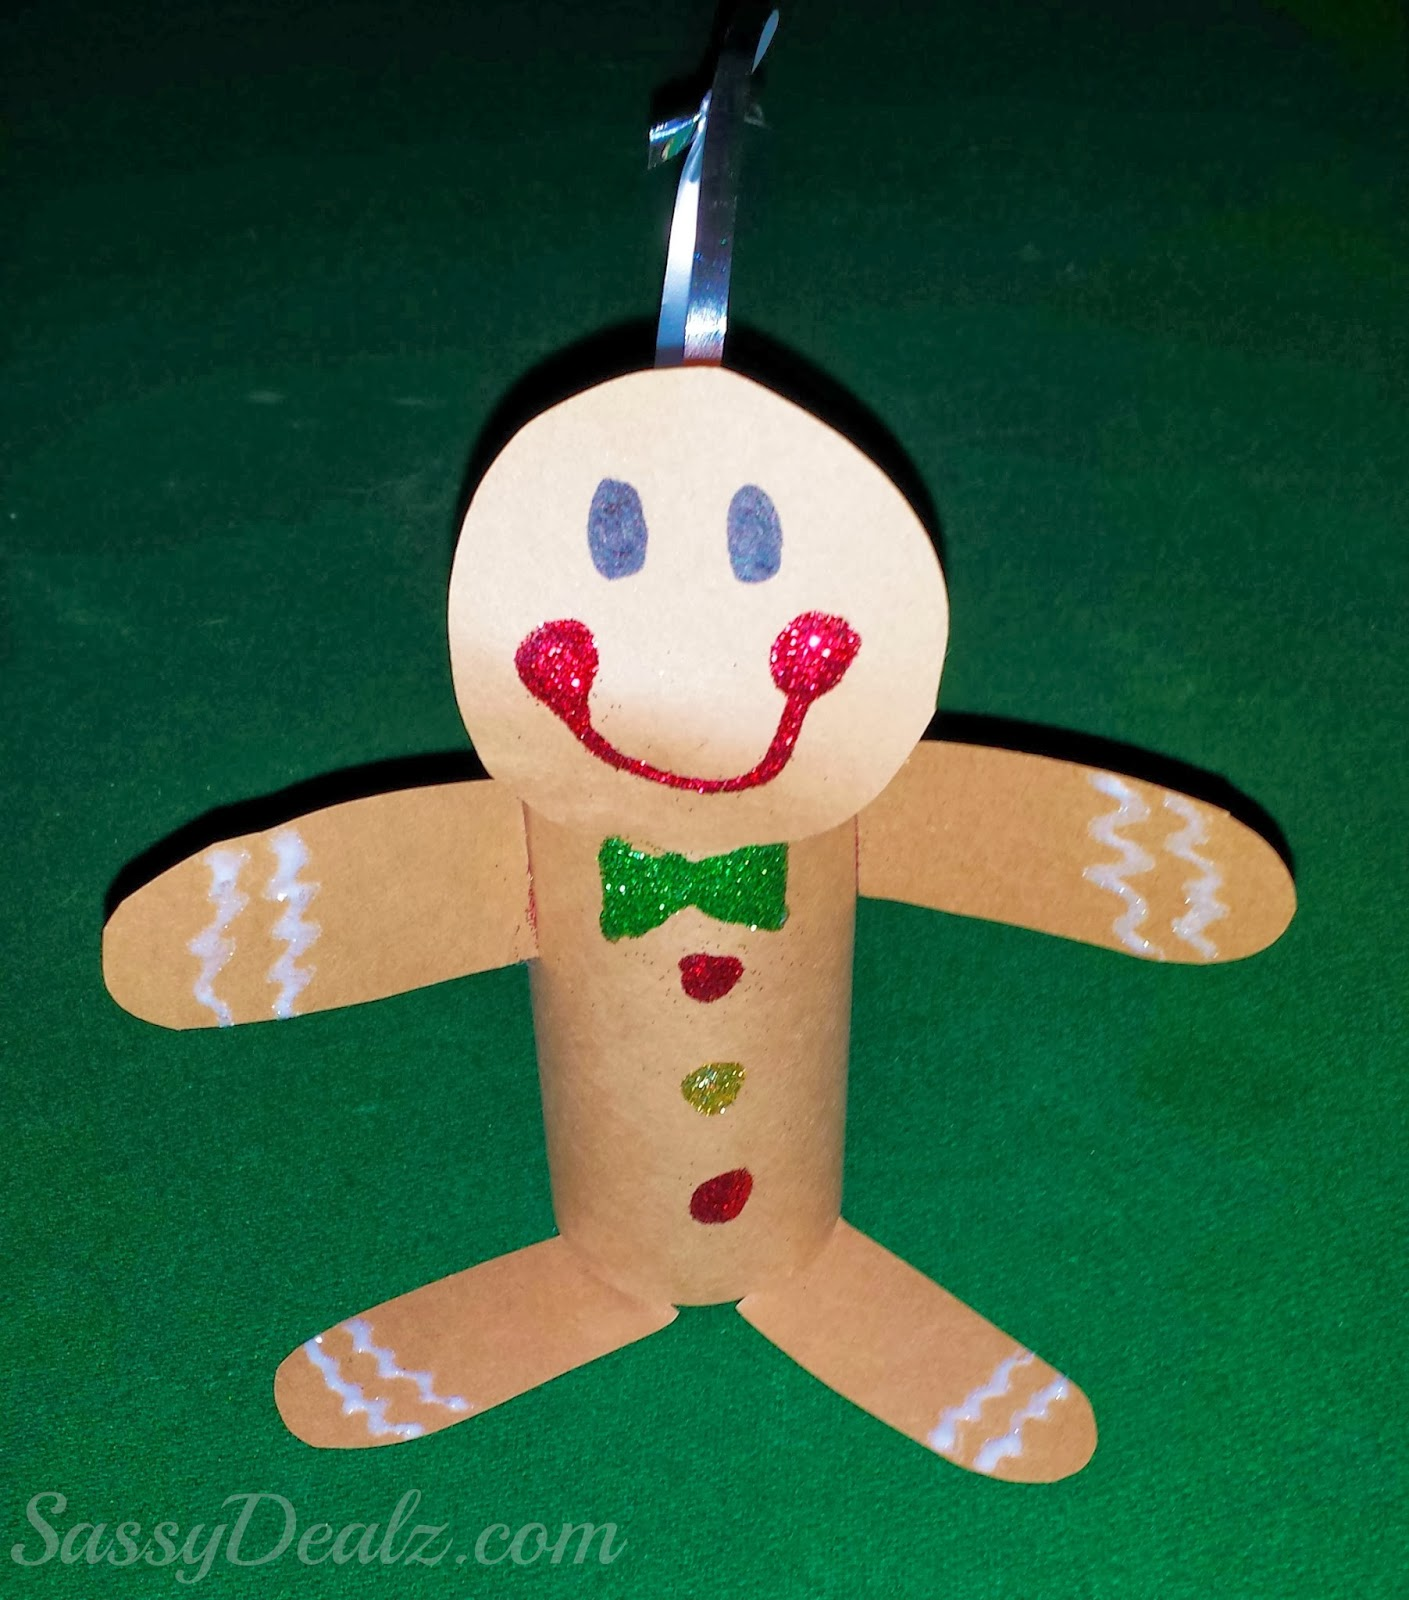 objetos-navidenos-hechos-con-rollos-de-papel-higienico-15